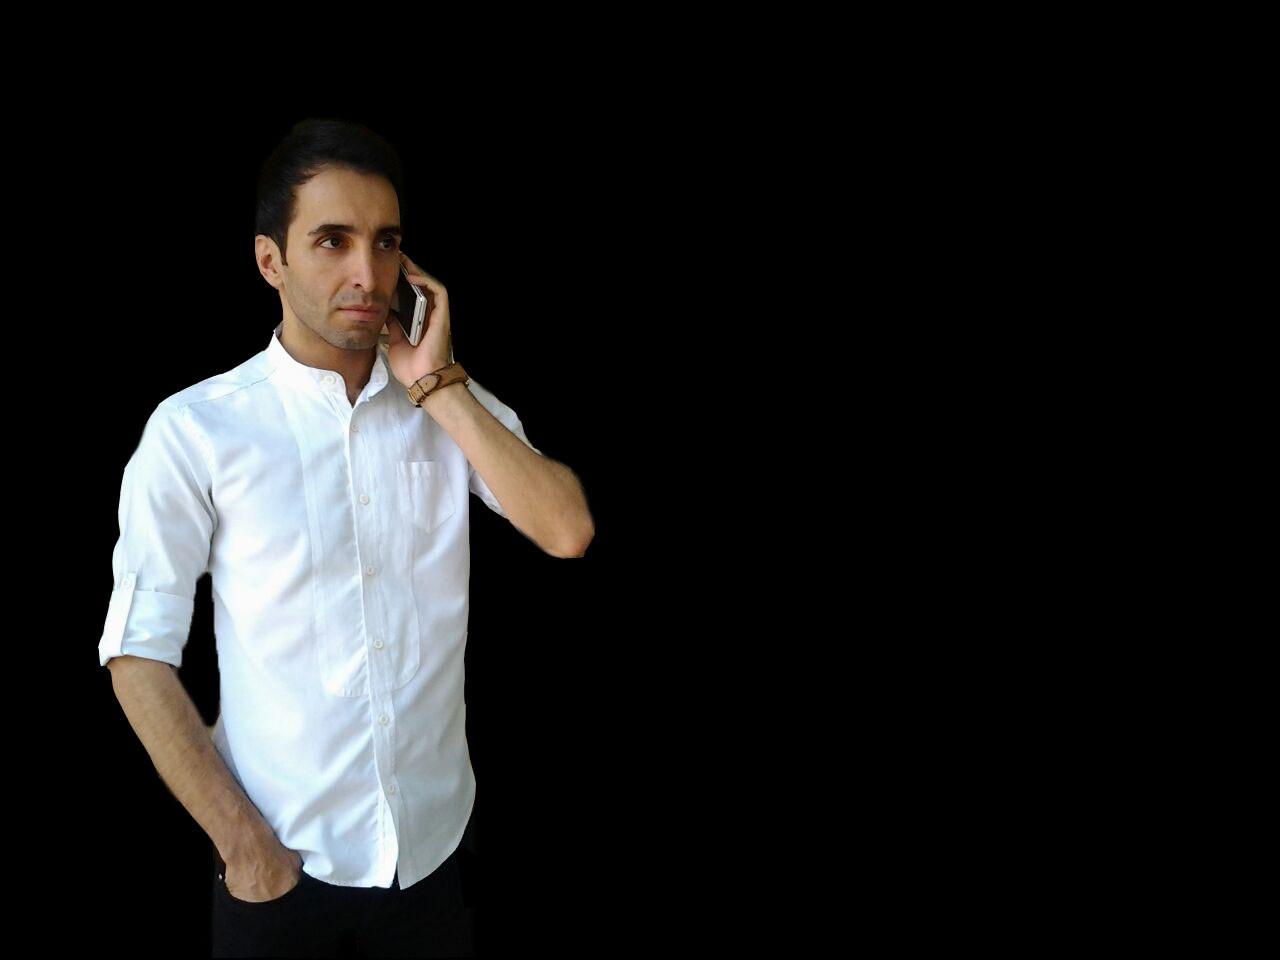 Saaed_Poormahmoodi_n2